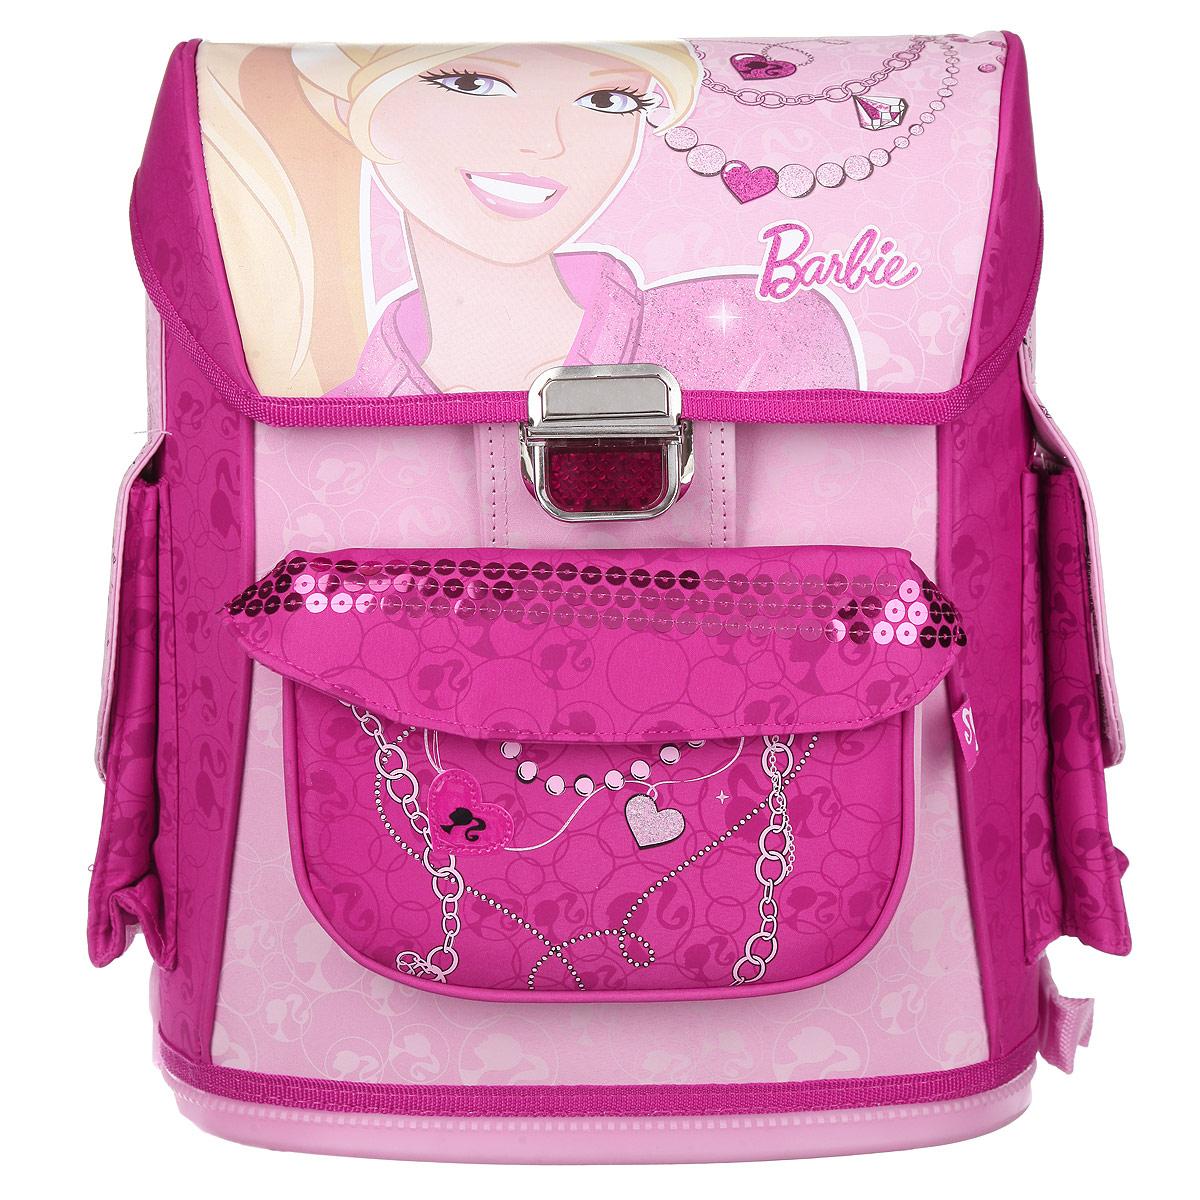 Ранец школьный Barbie, цвет: розовый. BRDLR-12T-568BRDLR-12T-568Школьный ранец Barbie обязательно привлечет внимание вашей школьницы. Выполнен из прочного износоустойчивого материала и оформлен изображением куклы Барби. Содержит одно вместительное отделение, закрывающееся клапаном на замок-защелку. Внутри отделения имеются две мягкие перегородки для тетрадей или учебников и небольшой кармашек на застежке-молнии. Клапан полностью откидывается, что существенно облегчает пользование ранцем. На внутренней части клапана находится прозрачный пластиковый кармашек, в который можно поместить расписание занятий. Ранец имеет два боковых кармана, закрывающиеся клапаном на липучке. Лицевая сторона ранца оснащена накладным карманом также на липучке. Конструкция спинки дополнена эргономичными подушечками, противоскользящей сеточкой и системой вентиляции для предотвращения запотевания спины ребенка. Мягкие широкие лямки позволяют легко и быстро отрегулировать рюкзак в соответствии с ростом. Ранец оснащен текстильной ручкой для удобной...